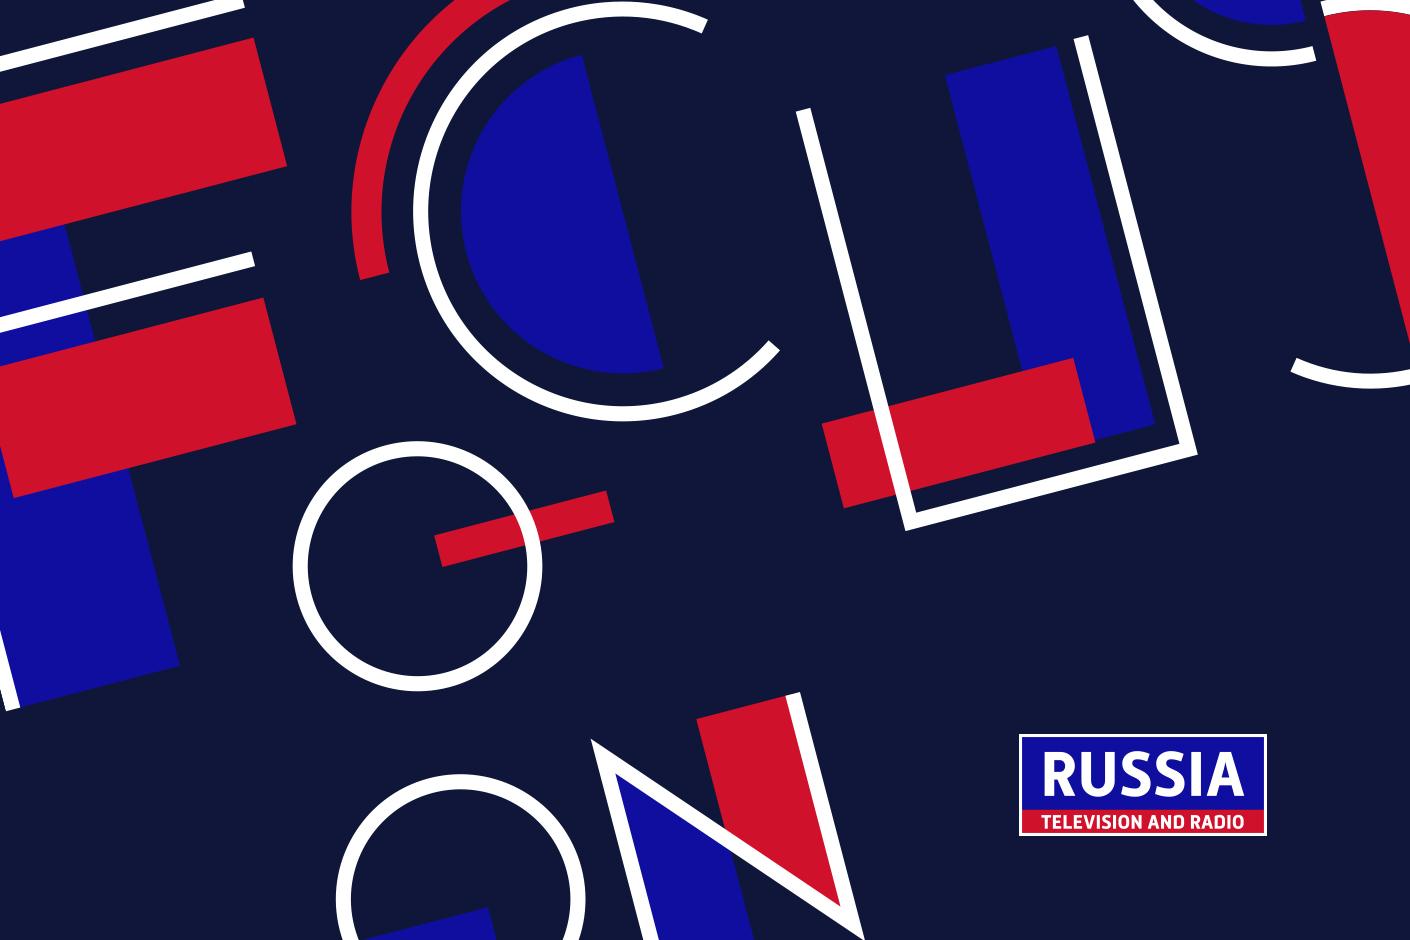 Каталог ВГТРК Россия 1